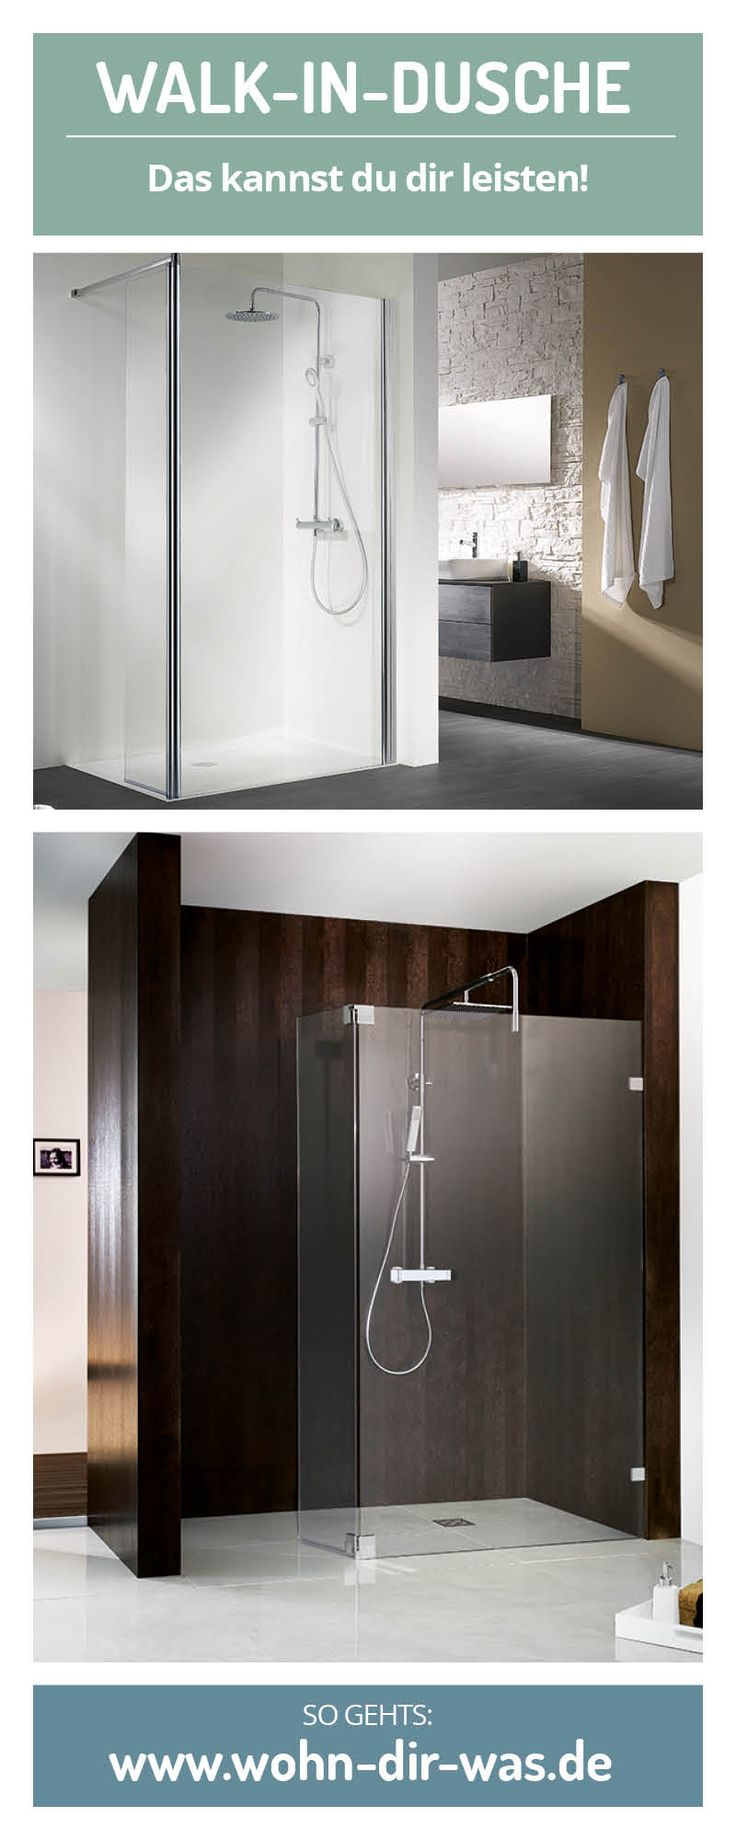 die besten 25 walk in dusche ideen auf pinterest duschen spaziergang durch dusche und master. Black Bedroom Furniture Sets. Home Design Ideas